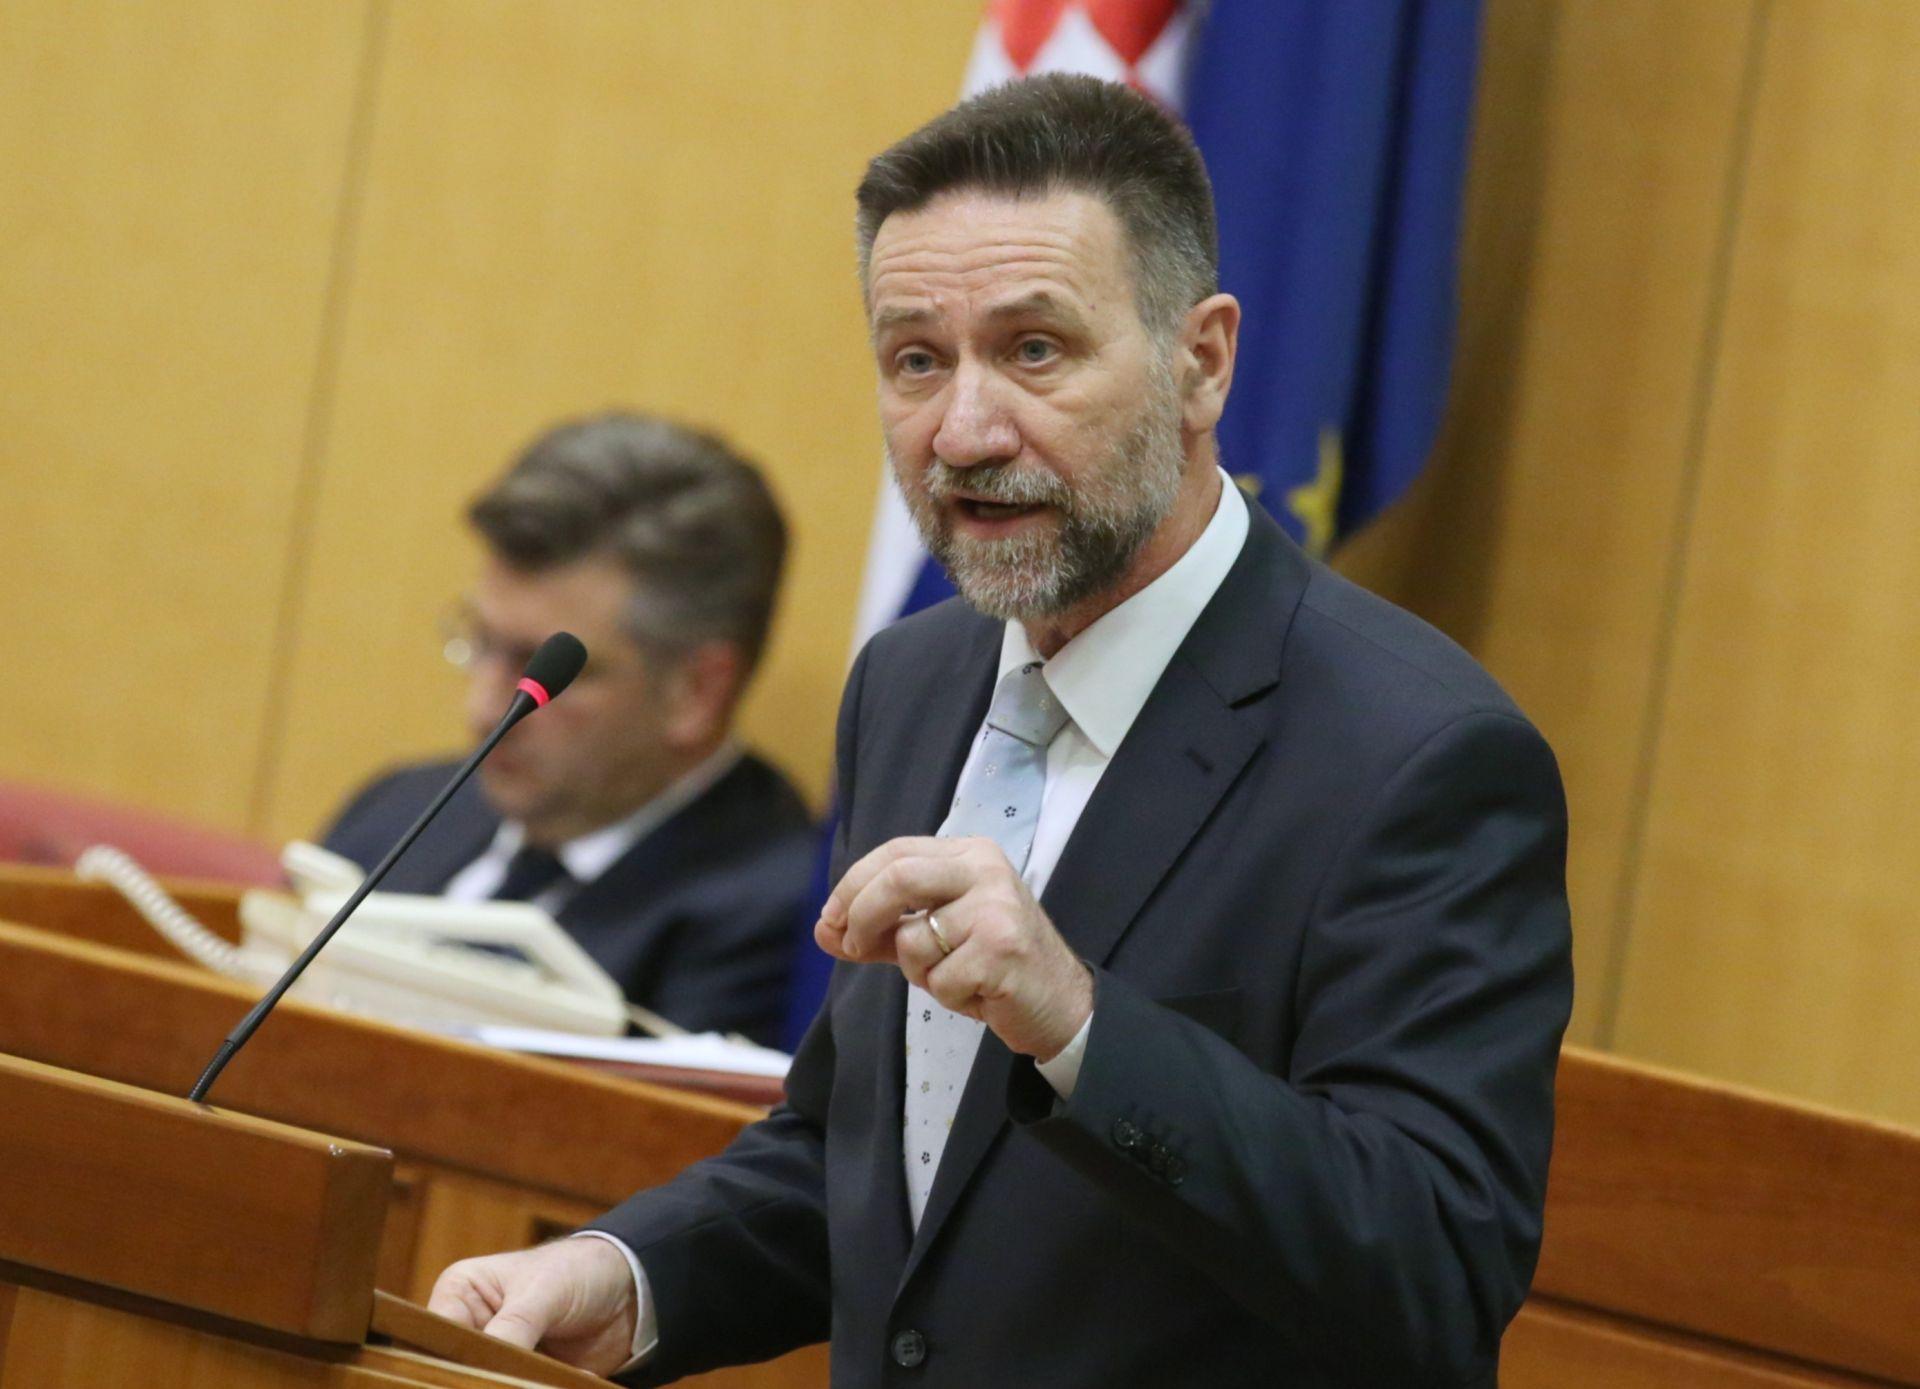 MARATONSKA RASPRAVA Glasovac: 'Nemojte dozvoliti da ministar Barišić prijeđe preko mosta'